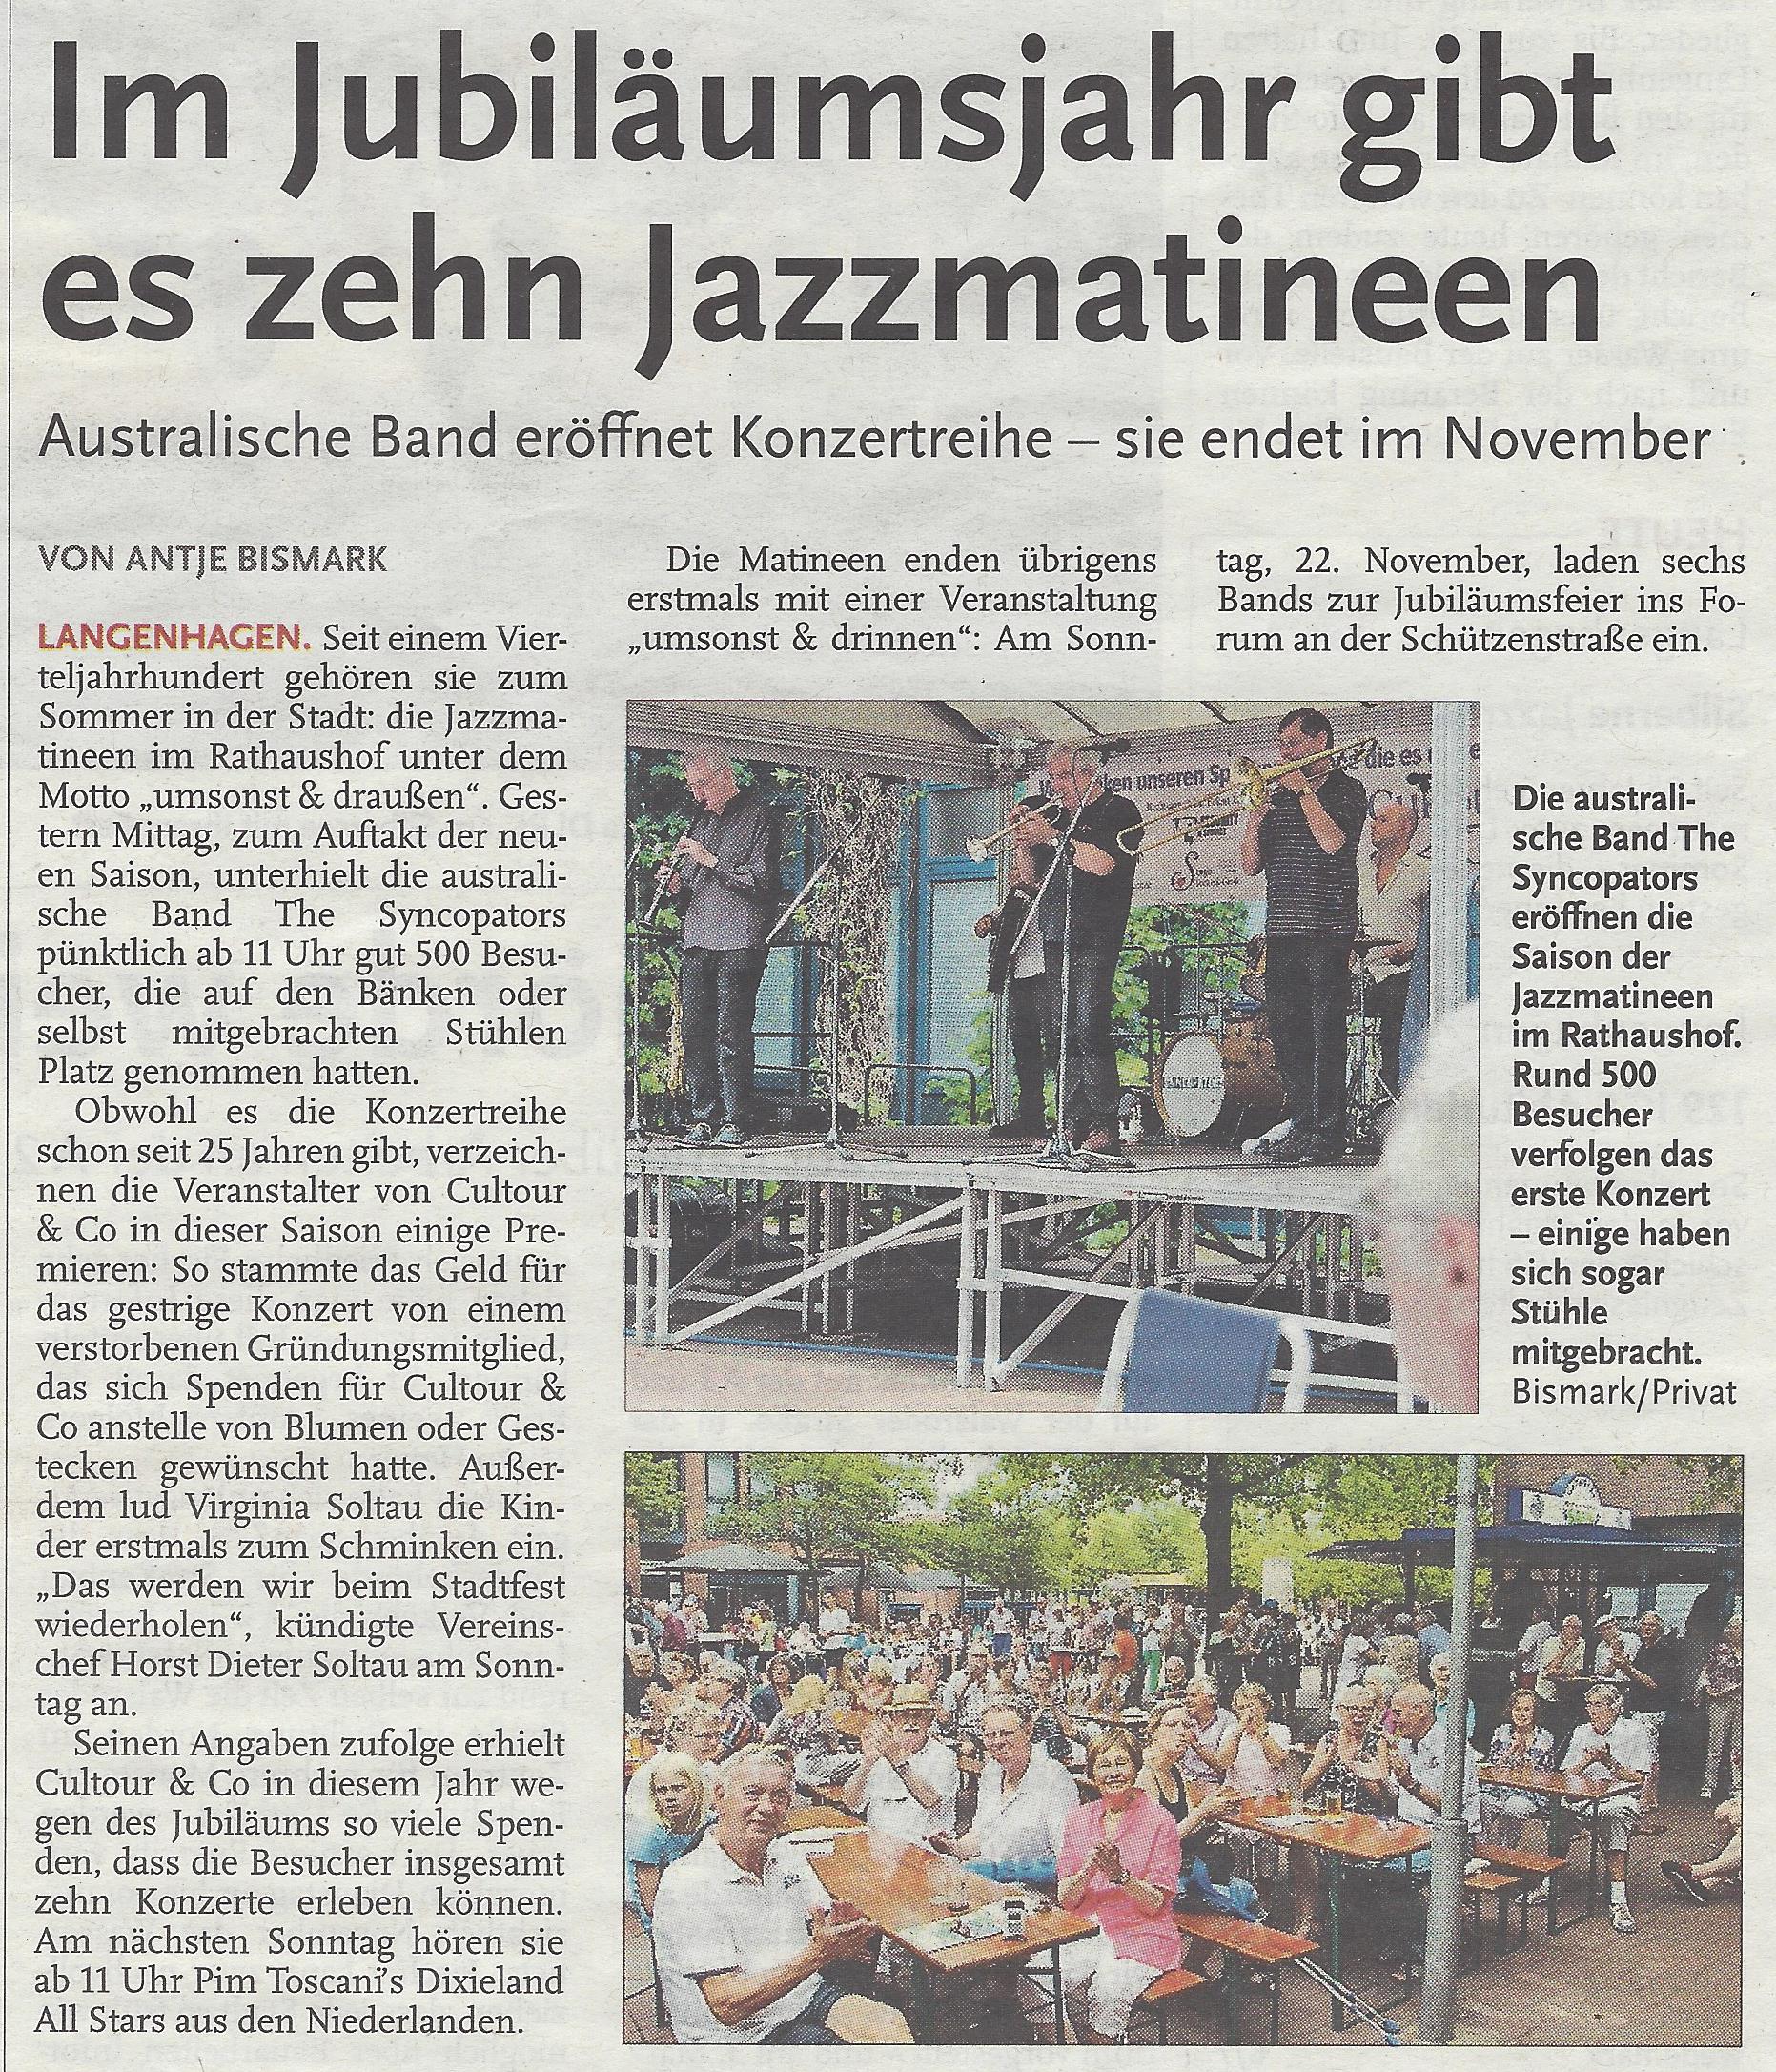 Im Jubiläumsjahr gibt es zehn Jazzmatineen